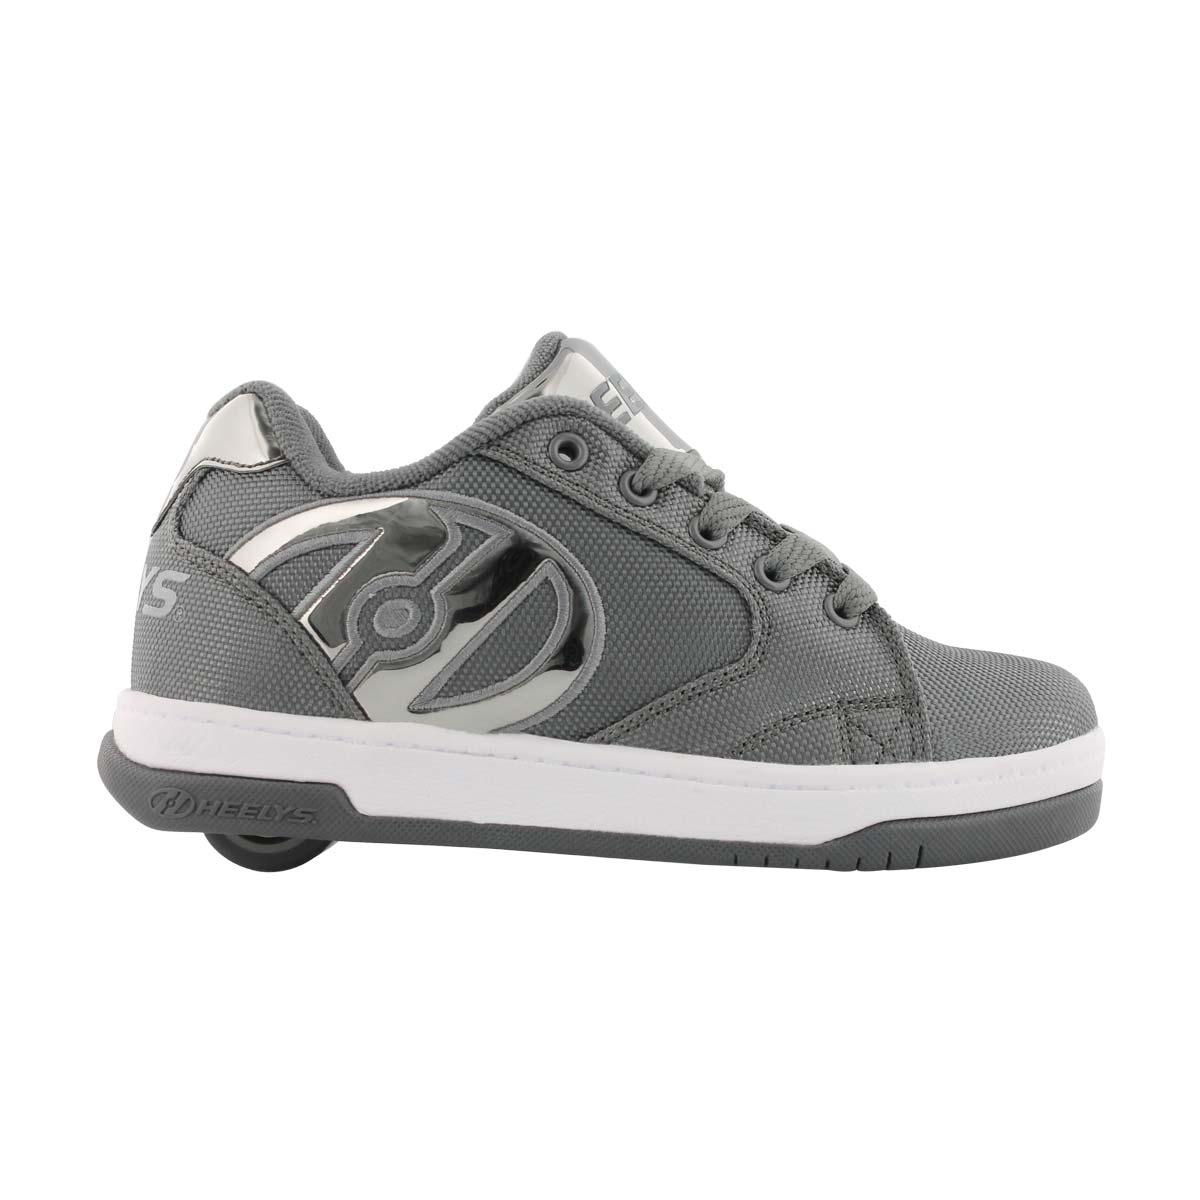 Bys Propel 2.0 char/pwtr skate sneaker